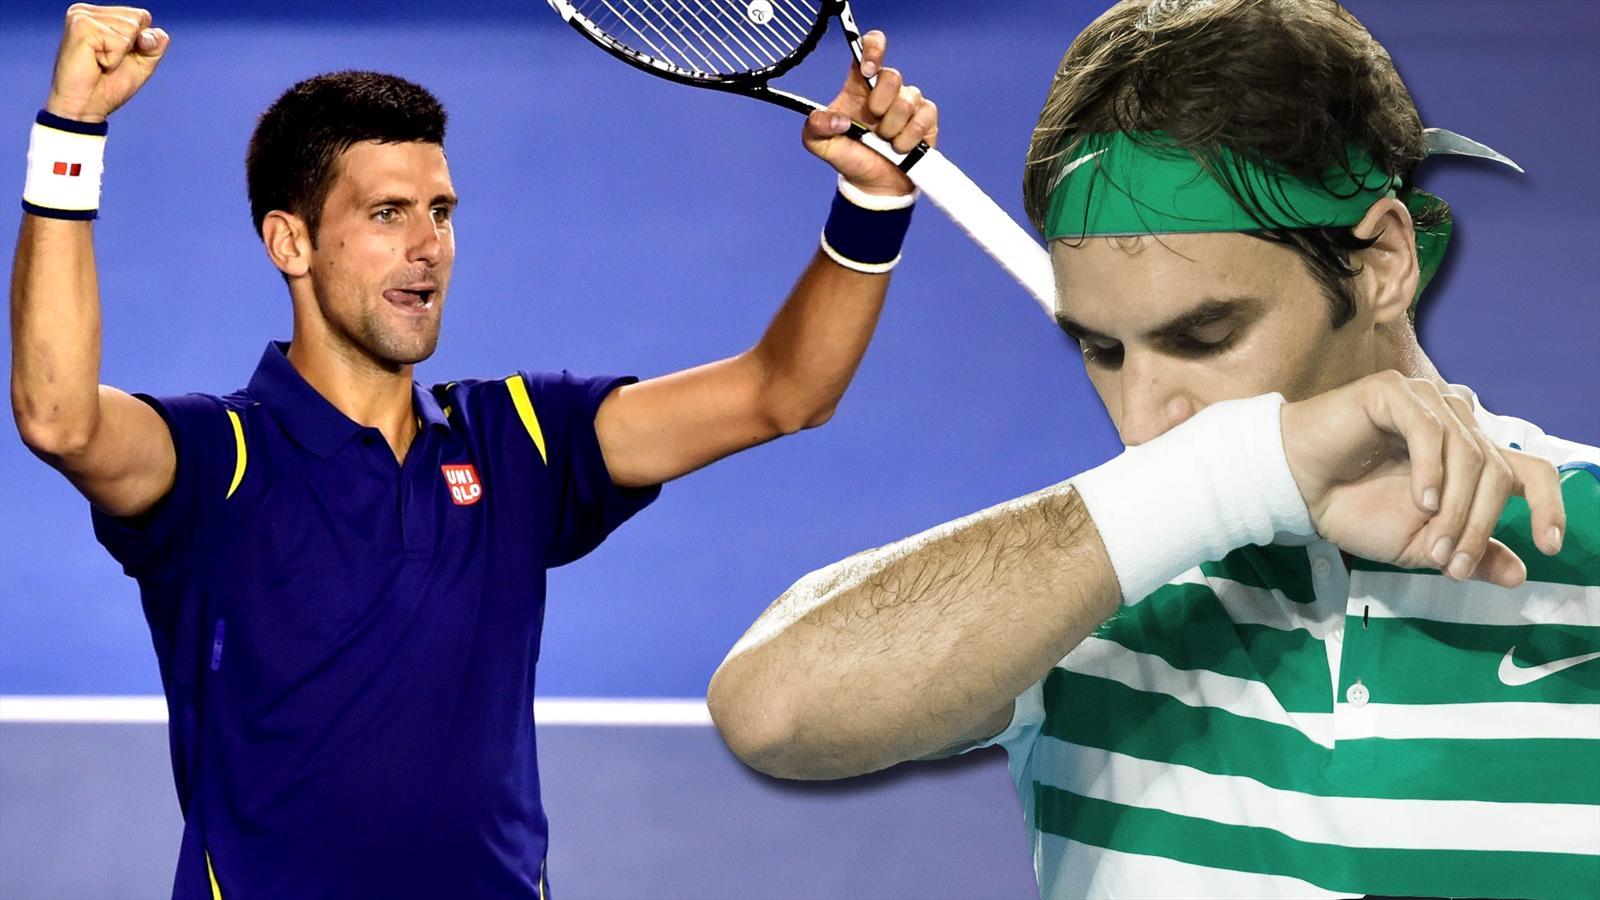 Ставки на матч Федерер – Джокович. Прогноз на теннис, 12 финала, Париж, 3 Ноября 2018